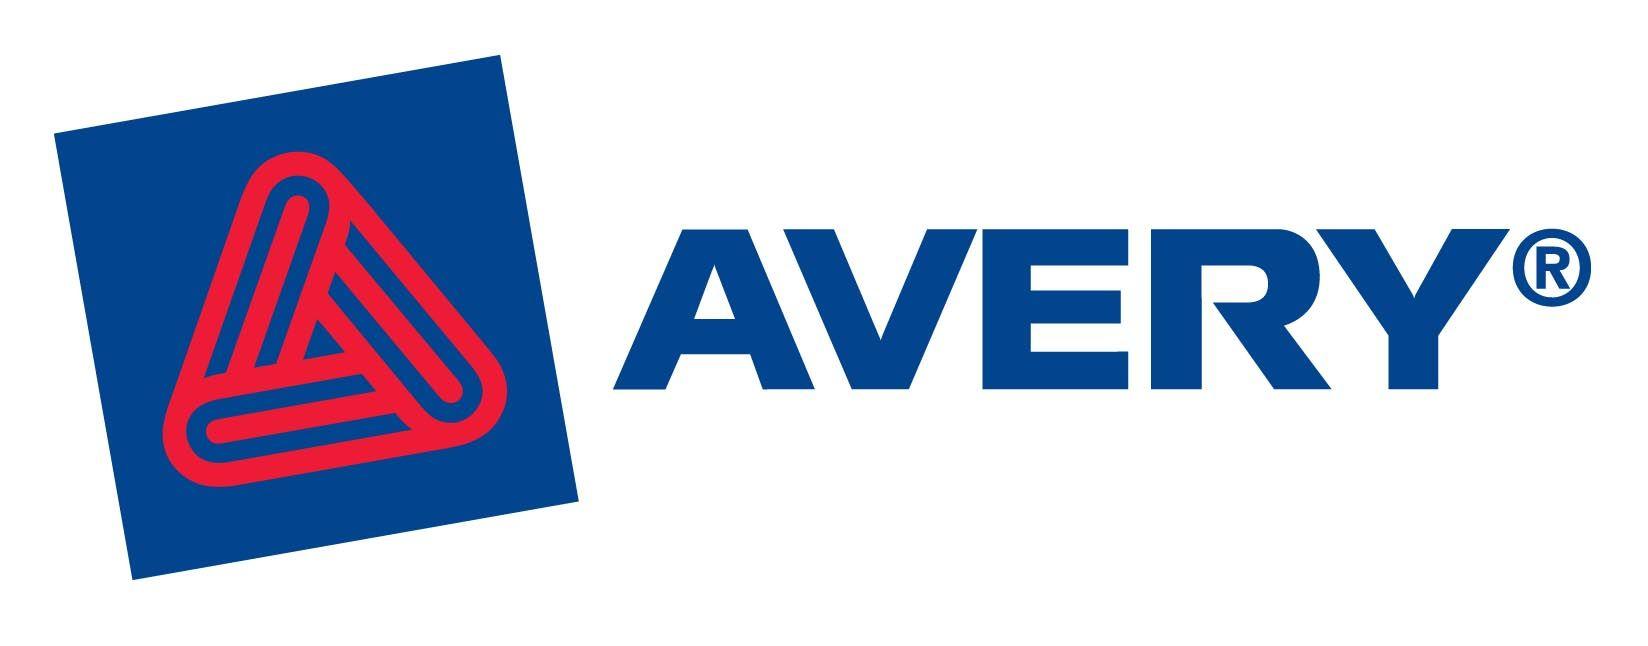 Avery provider